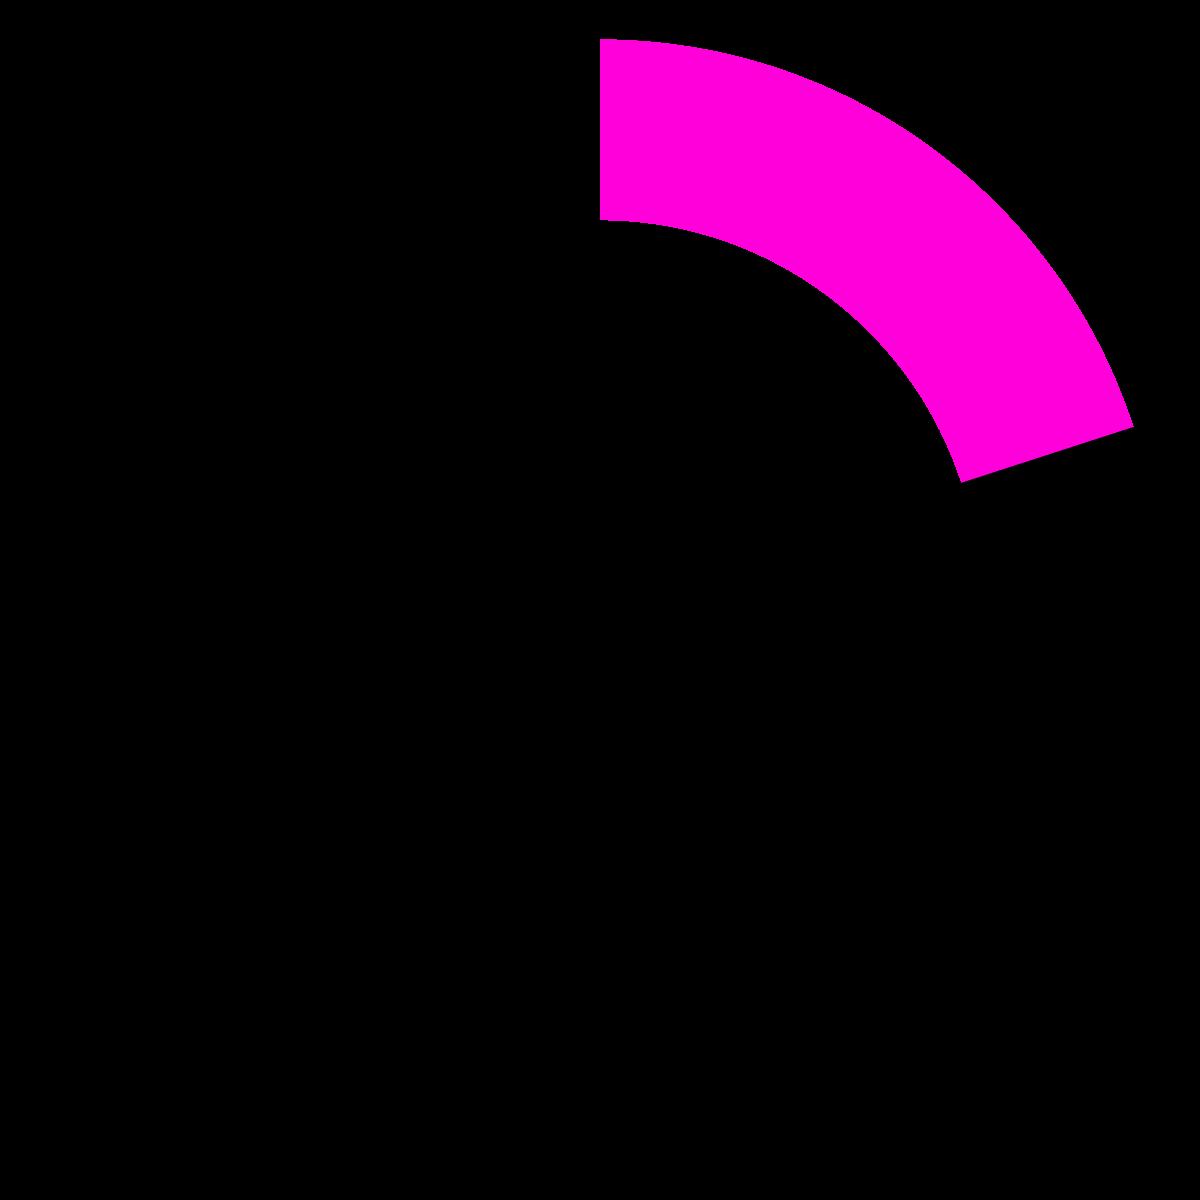 91a8a9f5-a2e1-4274-af75-496afda5090c-app_logo-Logo-GoSimplo-B